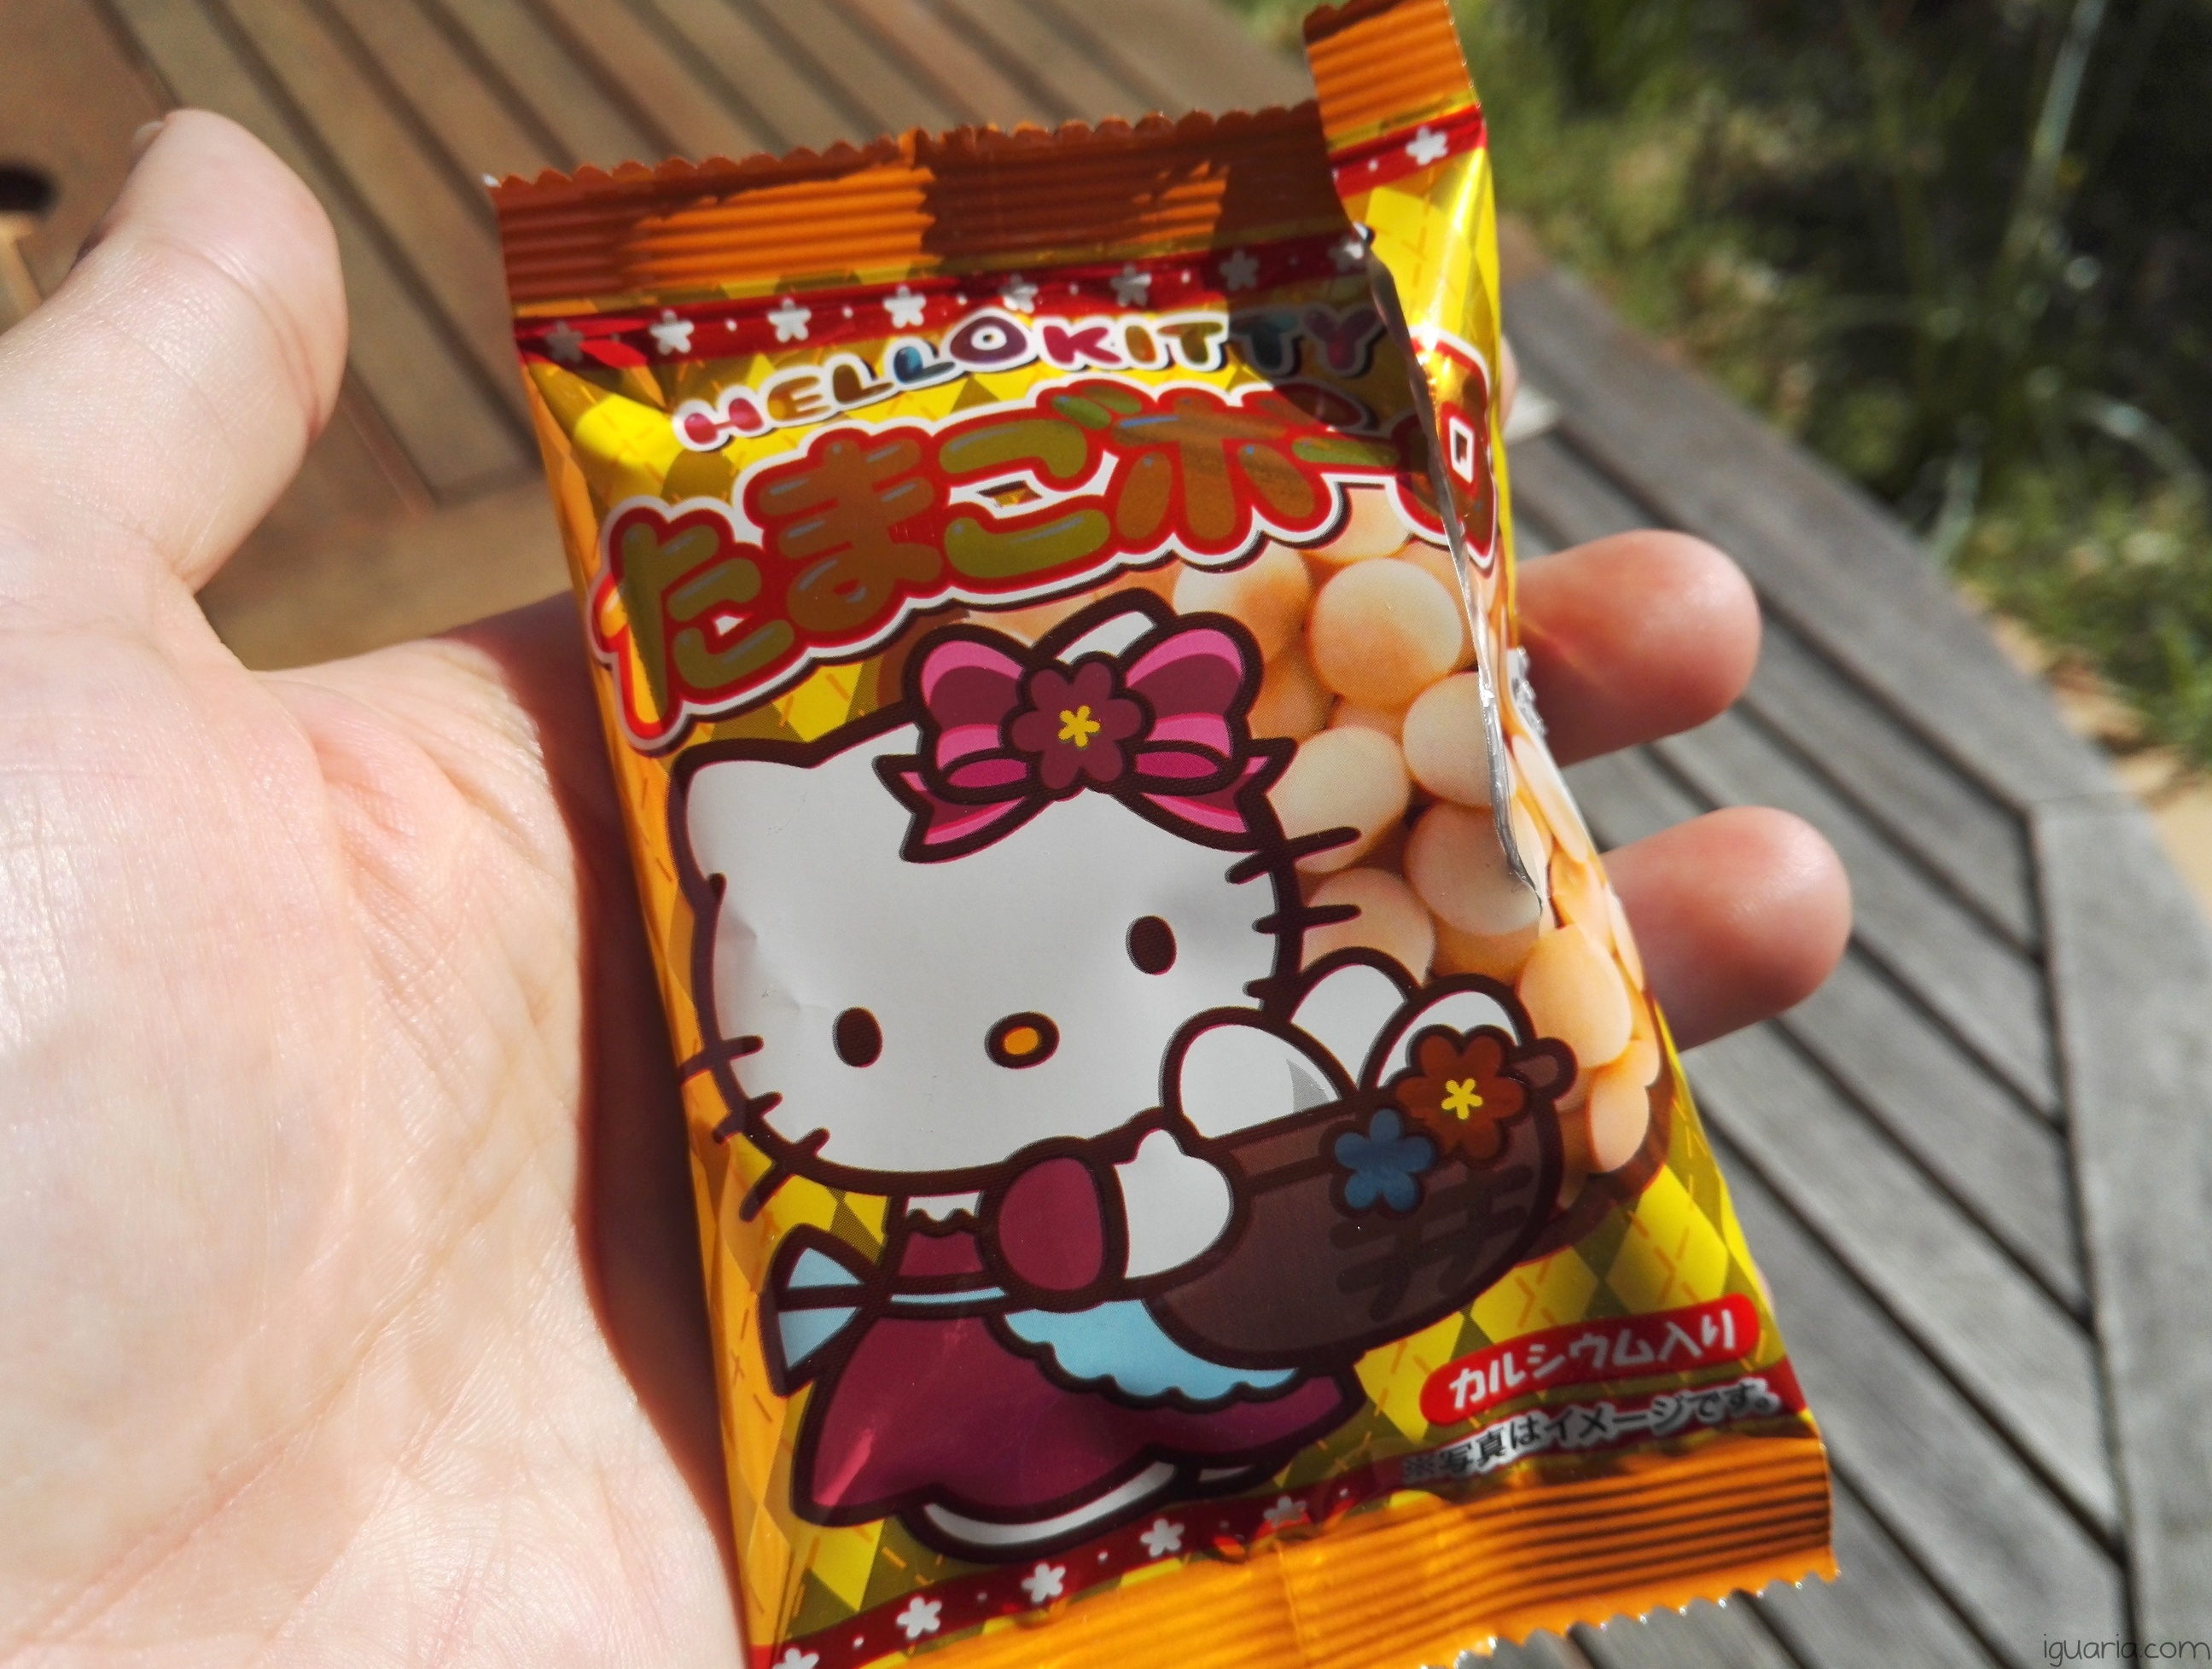 Iguaria_Hello-Kitty-Bolo